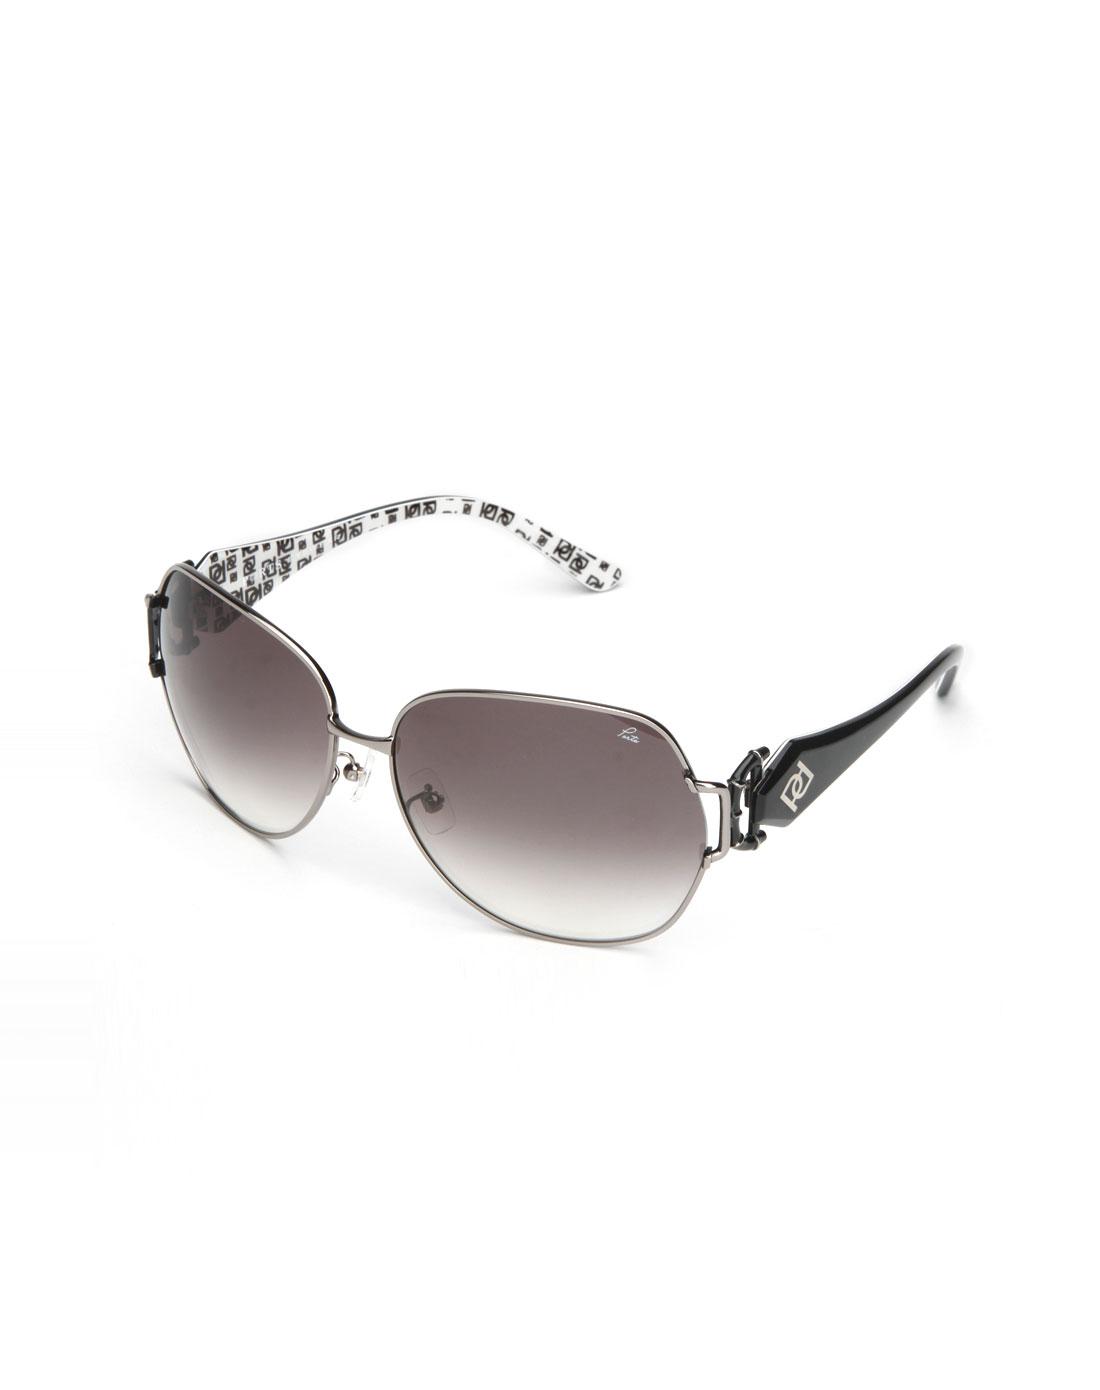 ports宝姿 银色细框太阳眼镜